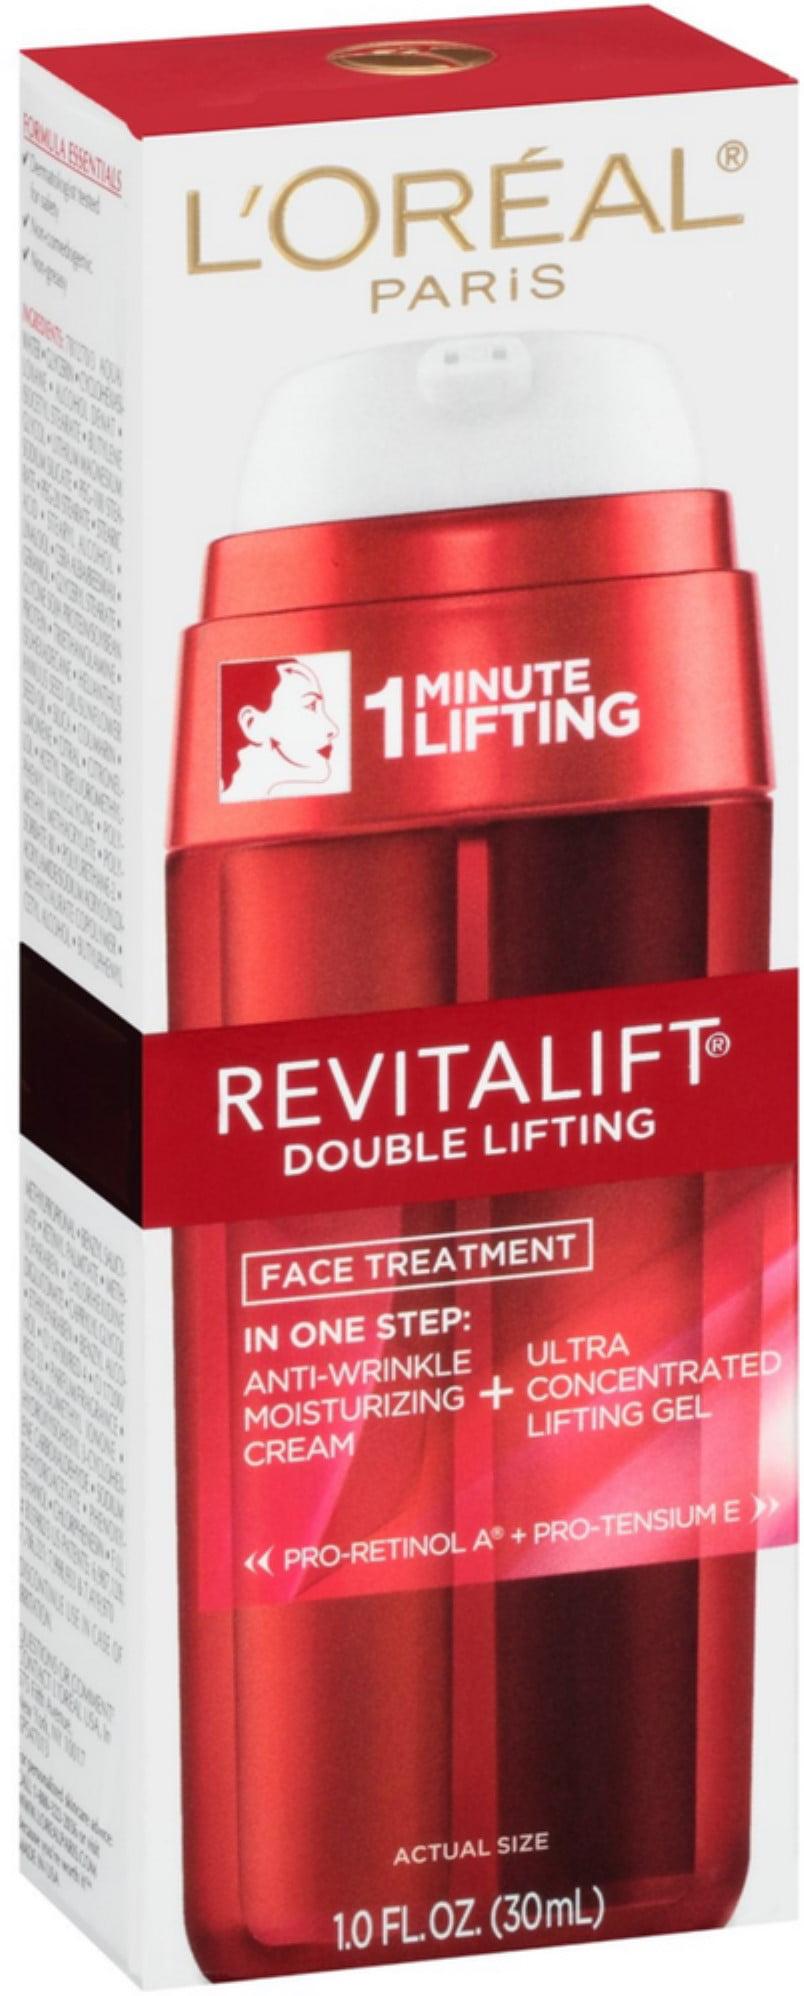 L'Oreal Revitalift Double Lifting Face Treatment, Anti..